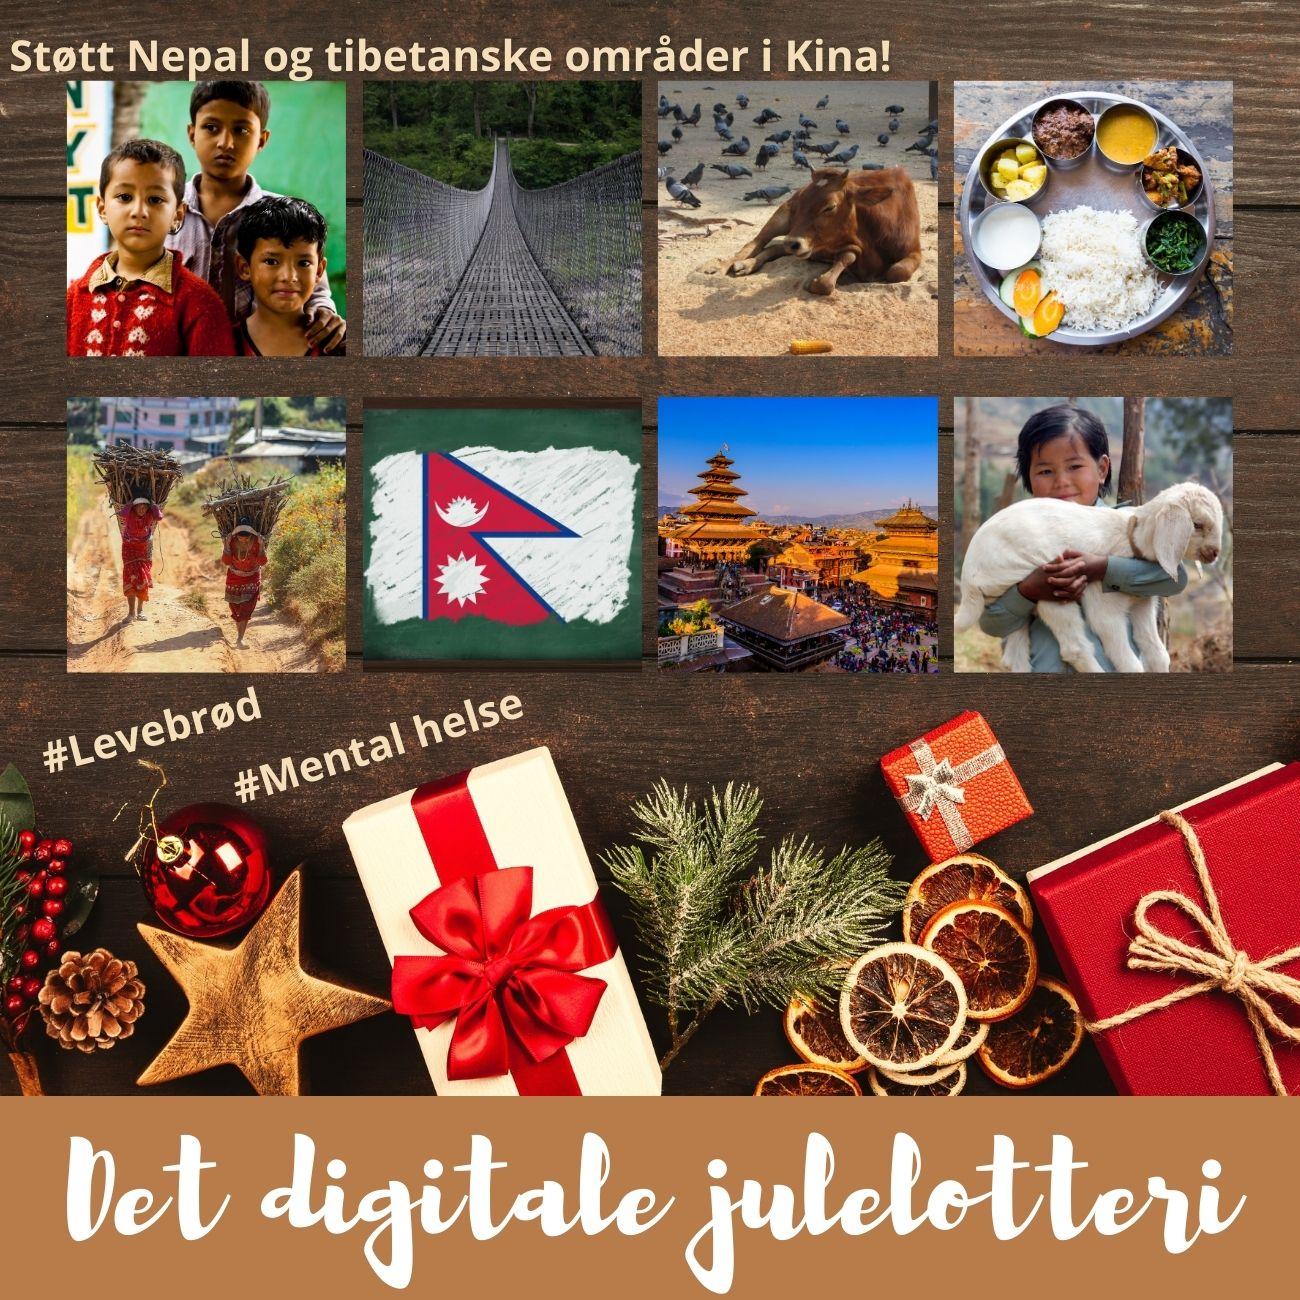 Julelotteri_redigert versjon